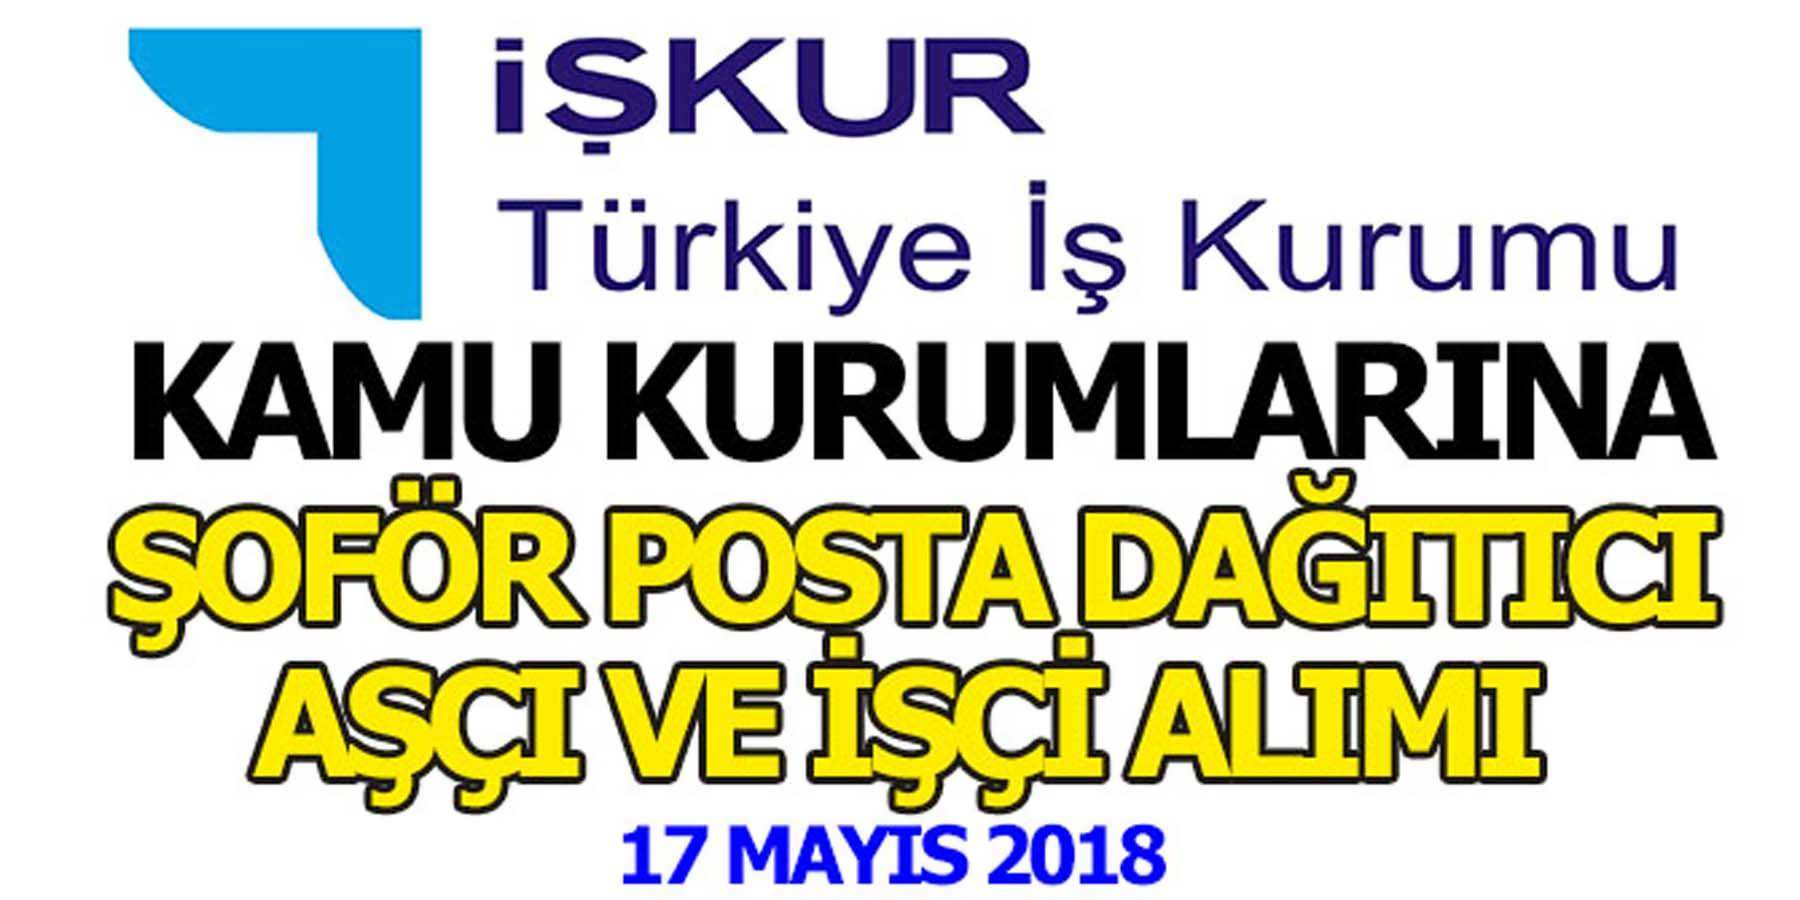 İŞKUR 17 Mayıs 2018 Devlet Kurumlarına Şoför, Posta Dağıtıcı ve Aşçı Alım İlanları